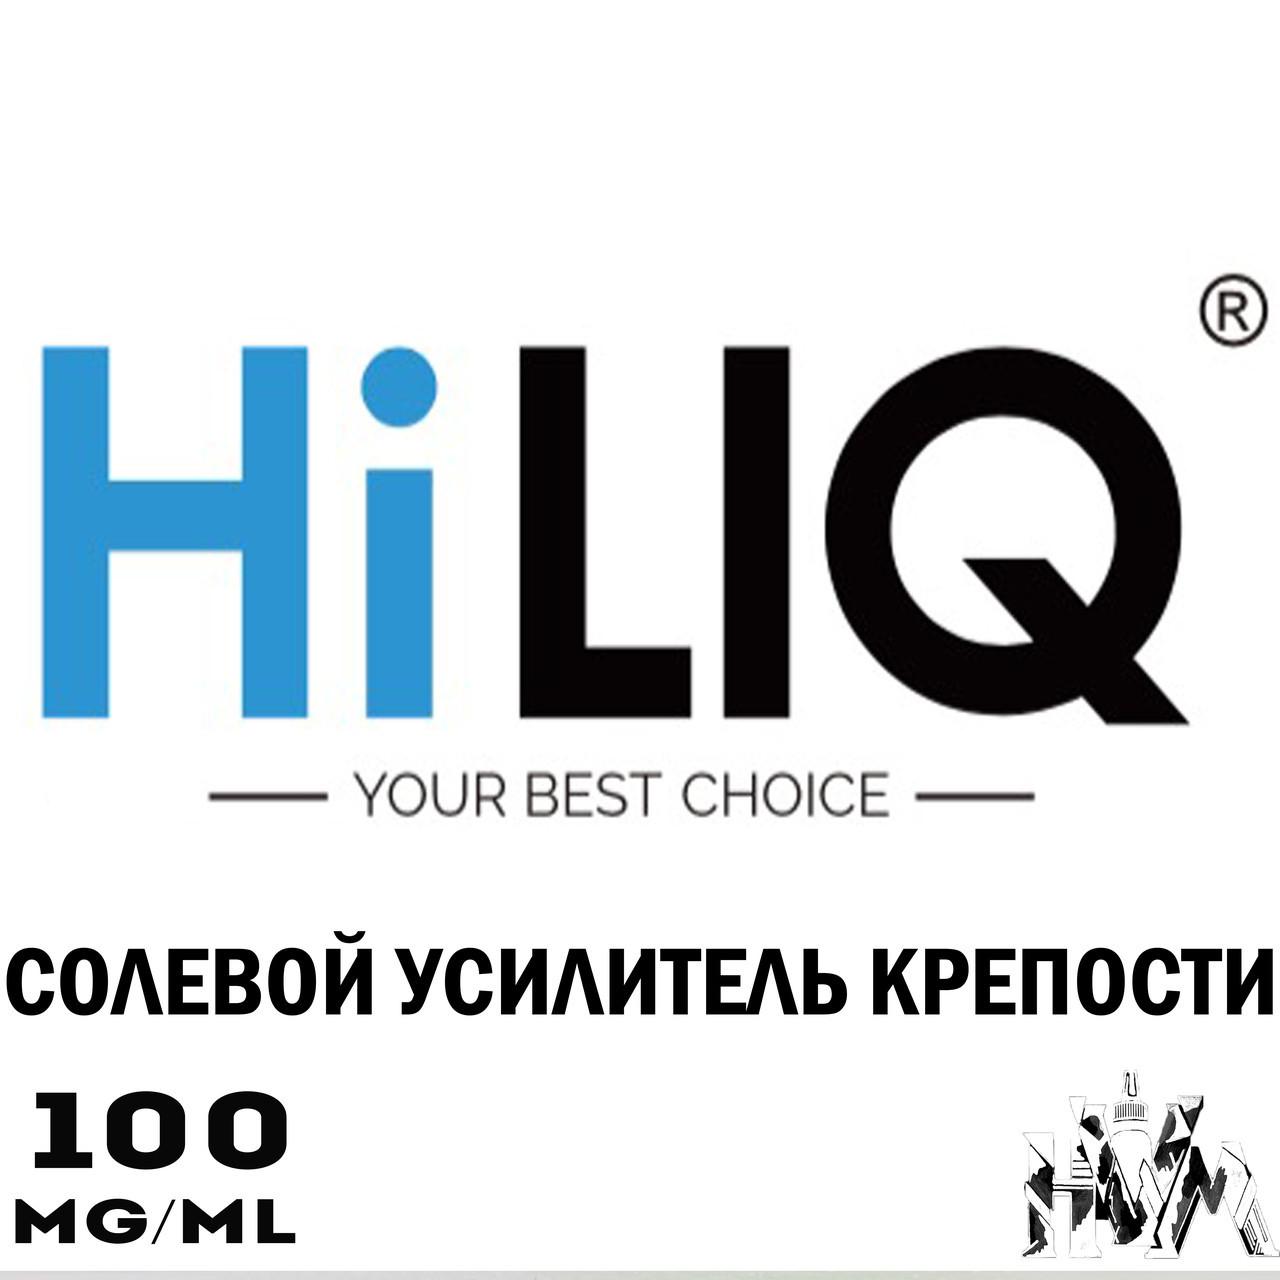 Солевой Усилитель крепости  HILIQ 100мг/мл 5 мл